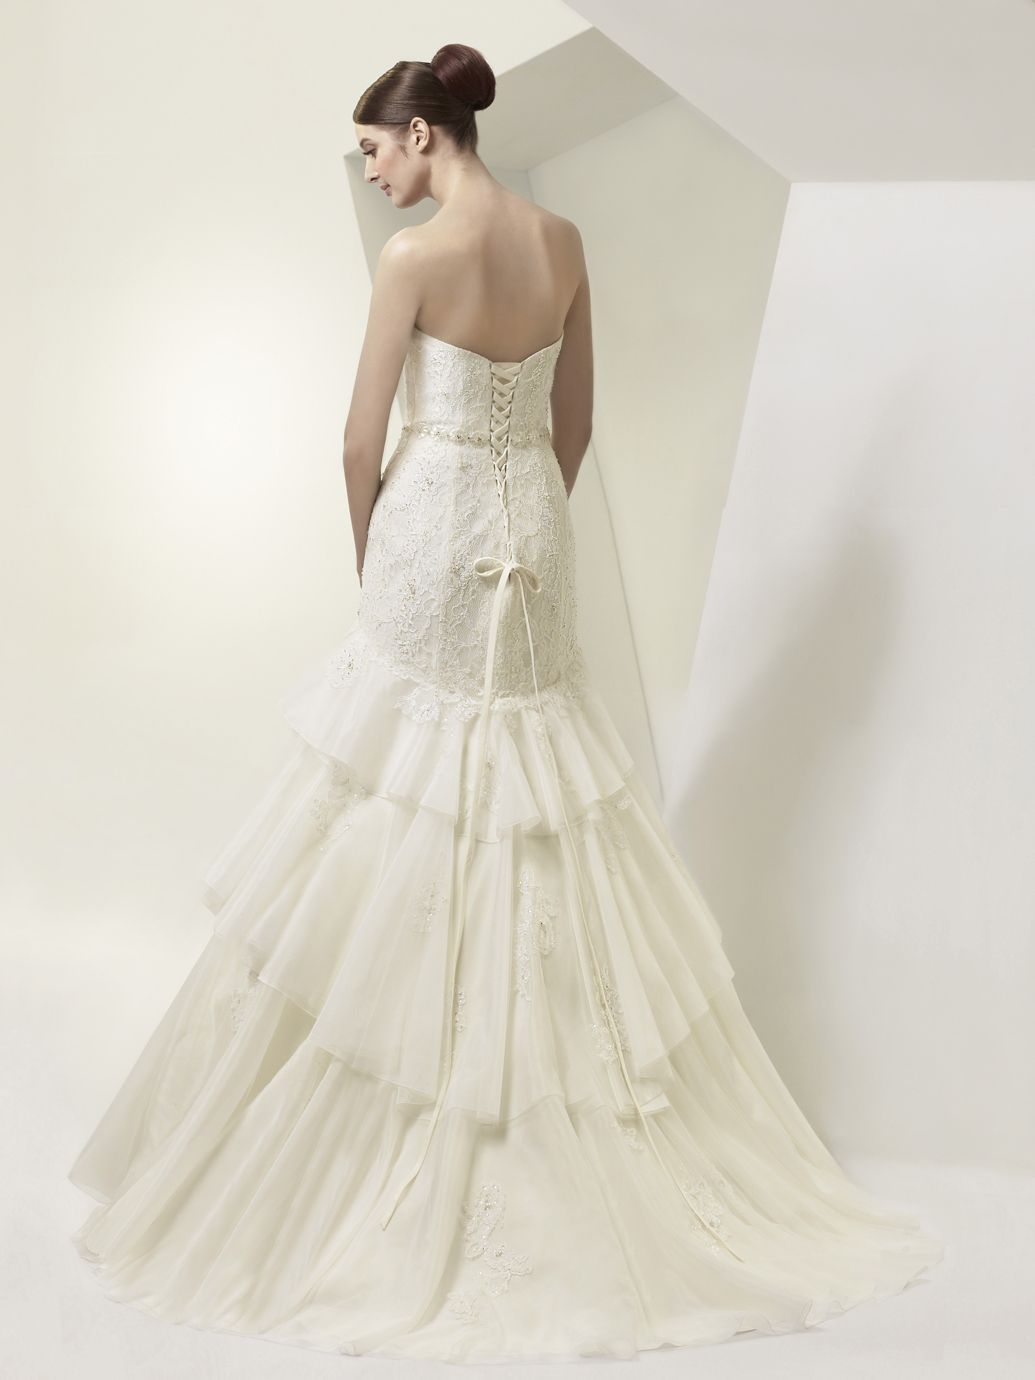 2014 wedding gowns | designer wedding dress 2014 style BT14-20 ...